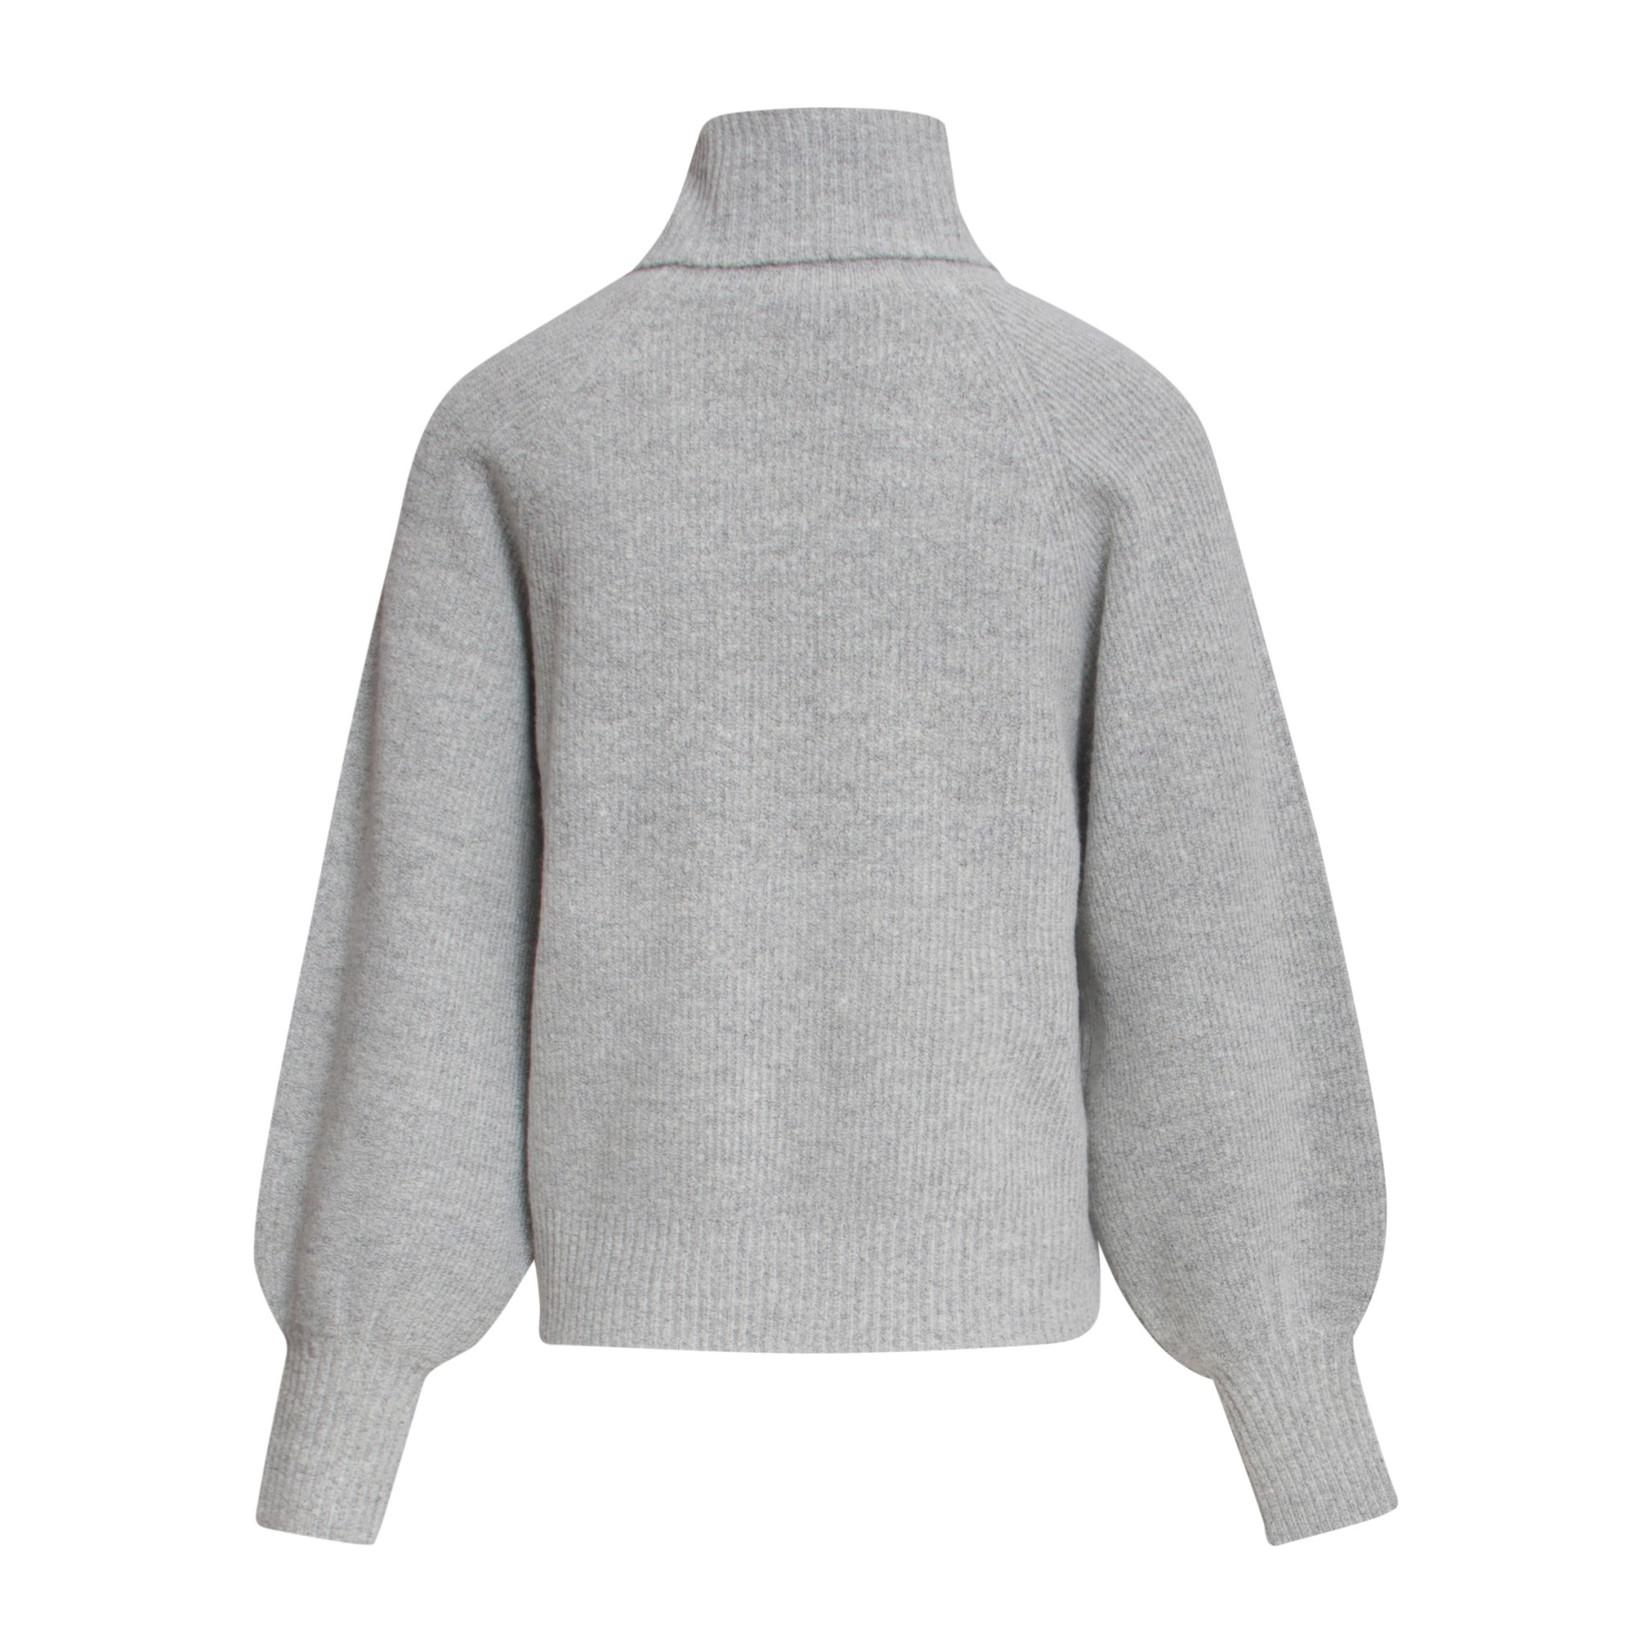 Smashed Lemon Smashed Lemon Sweater Light grey 21686